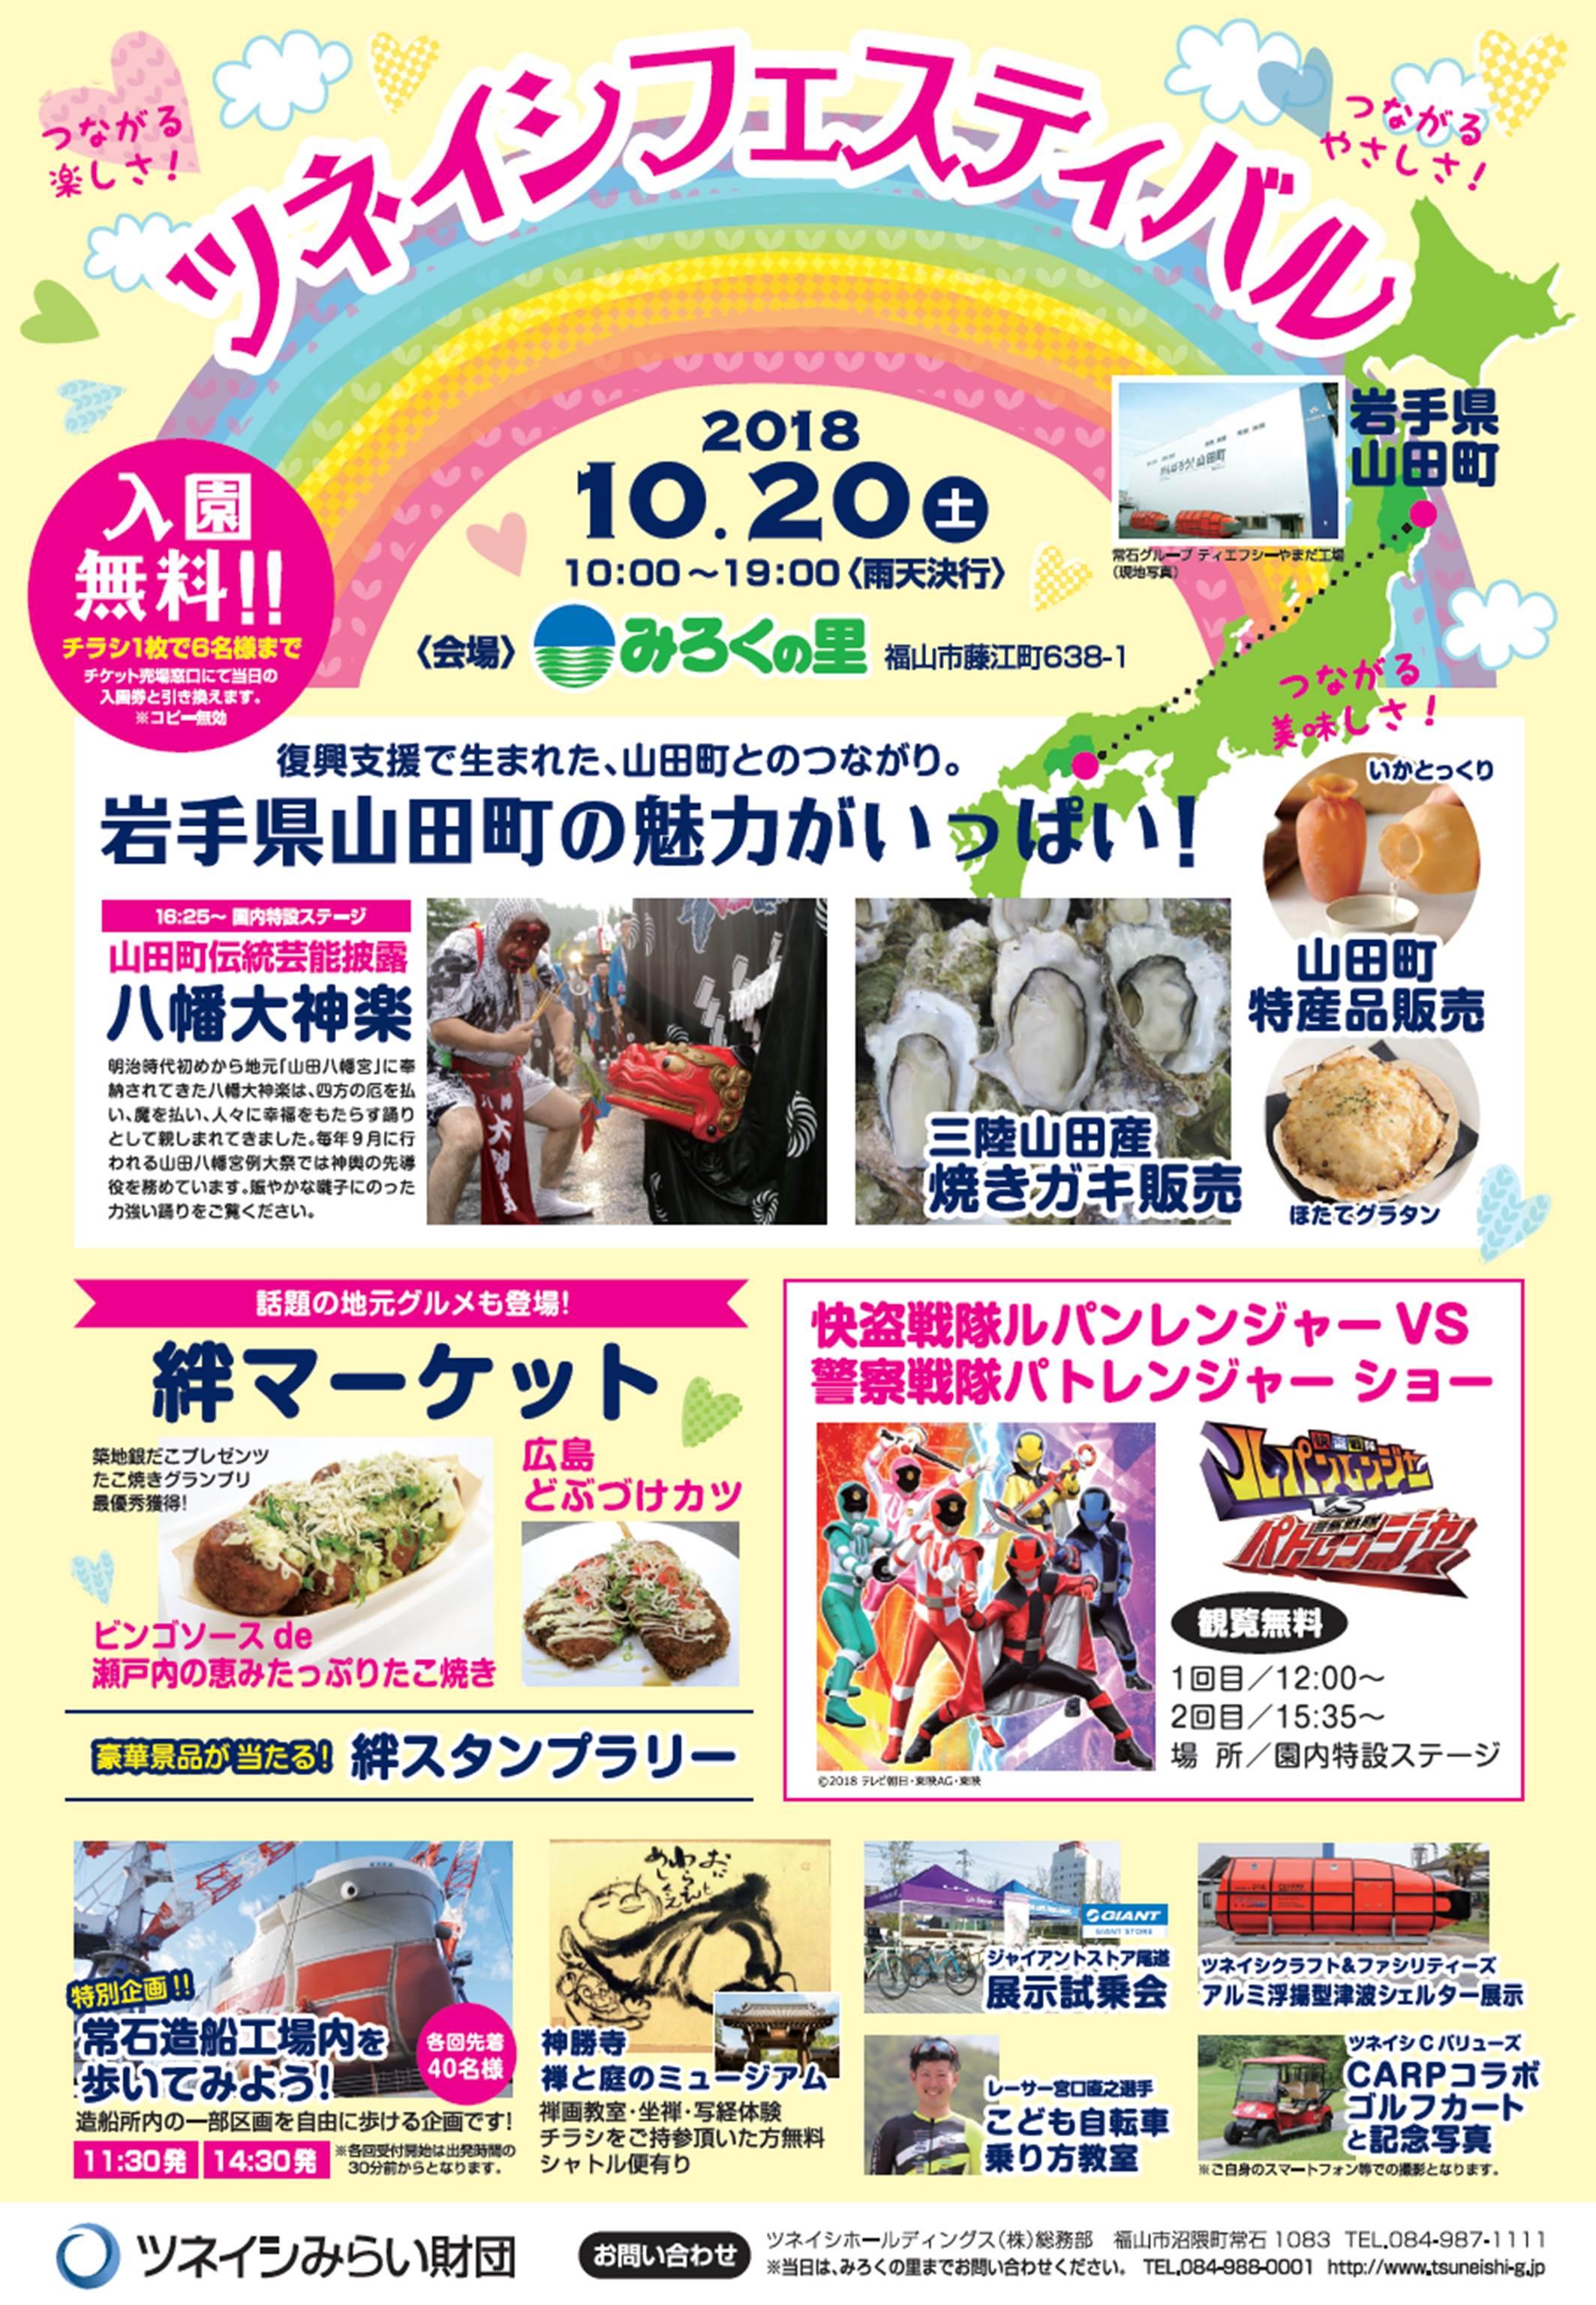 「ツネイシフェスティバル2018」10月20日にみろくの里で開催 ~岩手の焼きガキや八幡大神楽など、東北の魅力をお届けします~